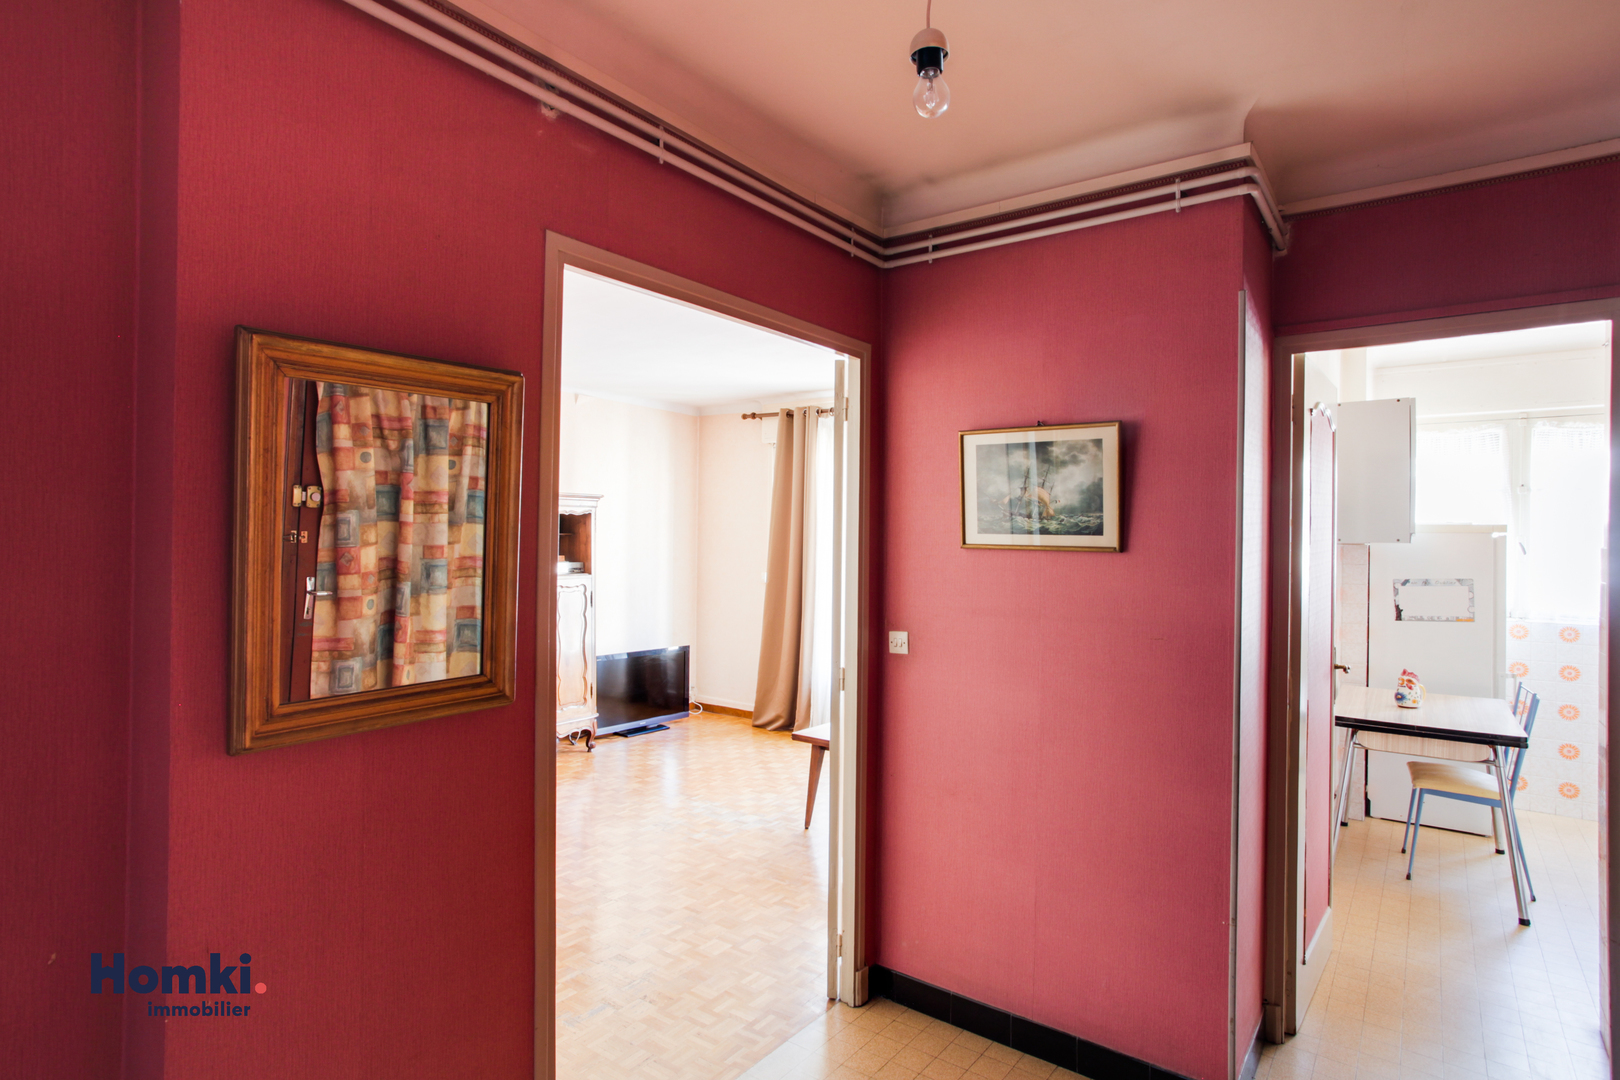 Vente Appartement 86 m² T4 13005_11